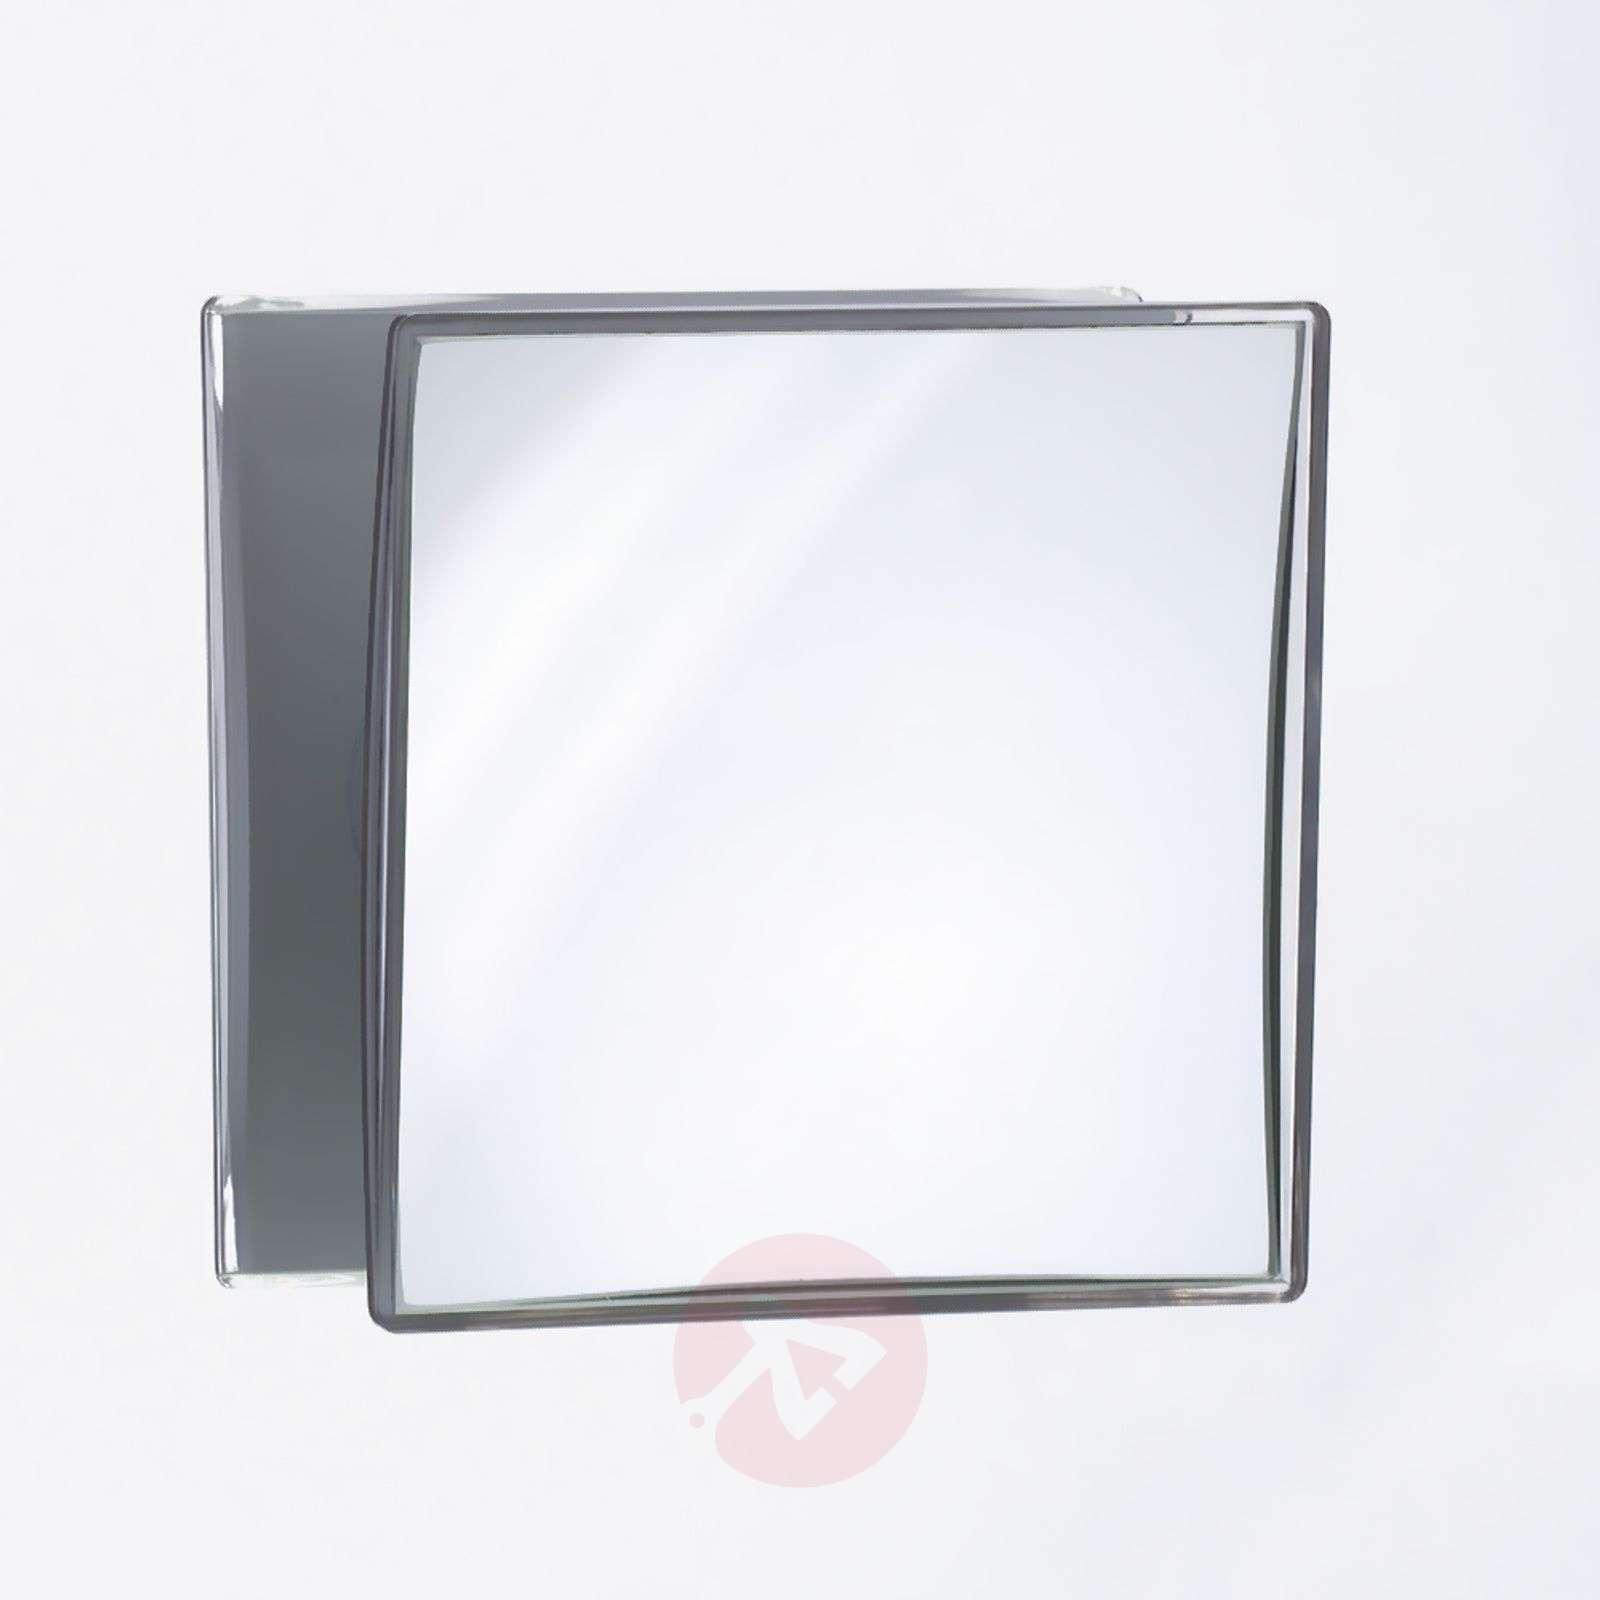 Elegant cosmetics mirror SPT 40-2504353-01